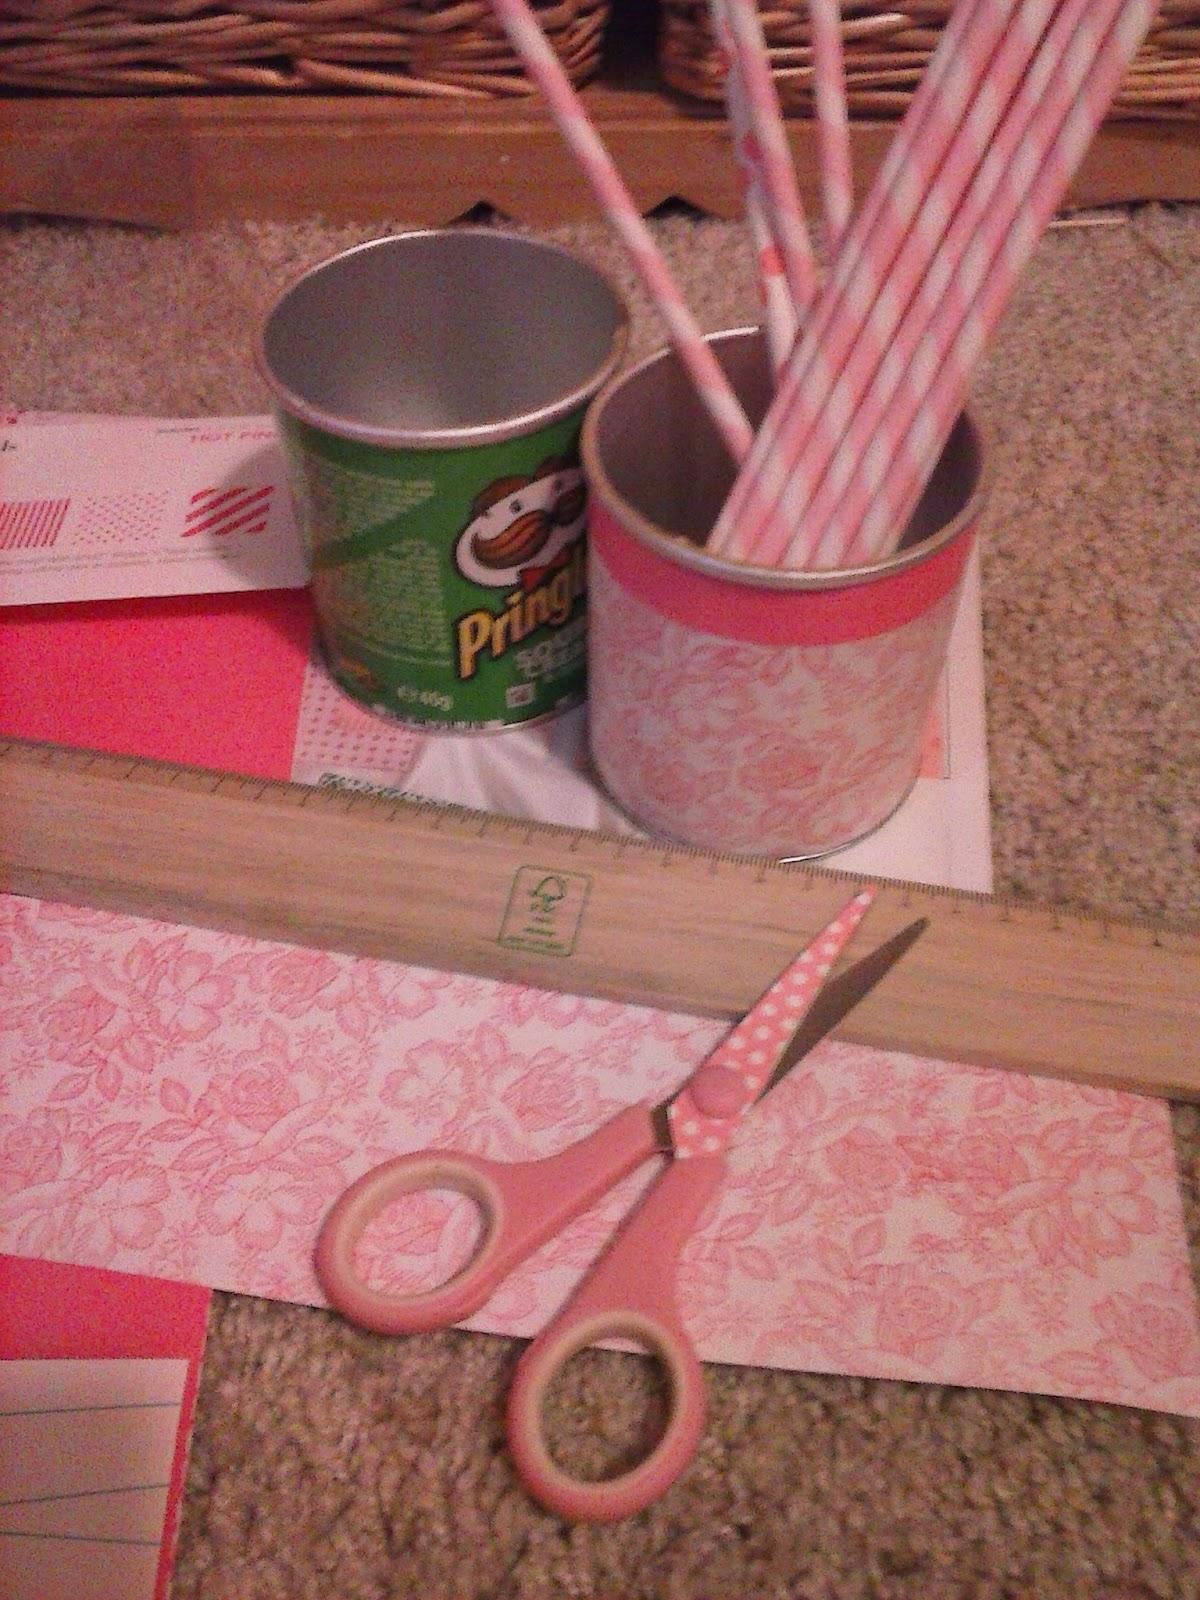 Teretenena 7 cumple de mi nena parte 1 diy bandeja - Bandeja para cubiertos ...